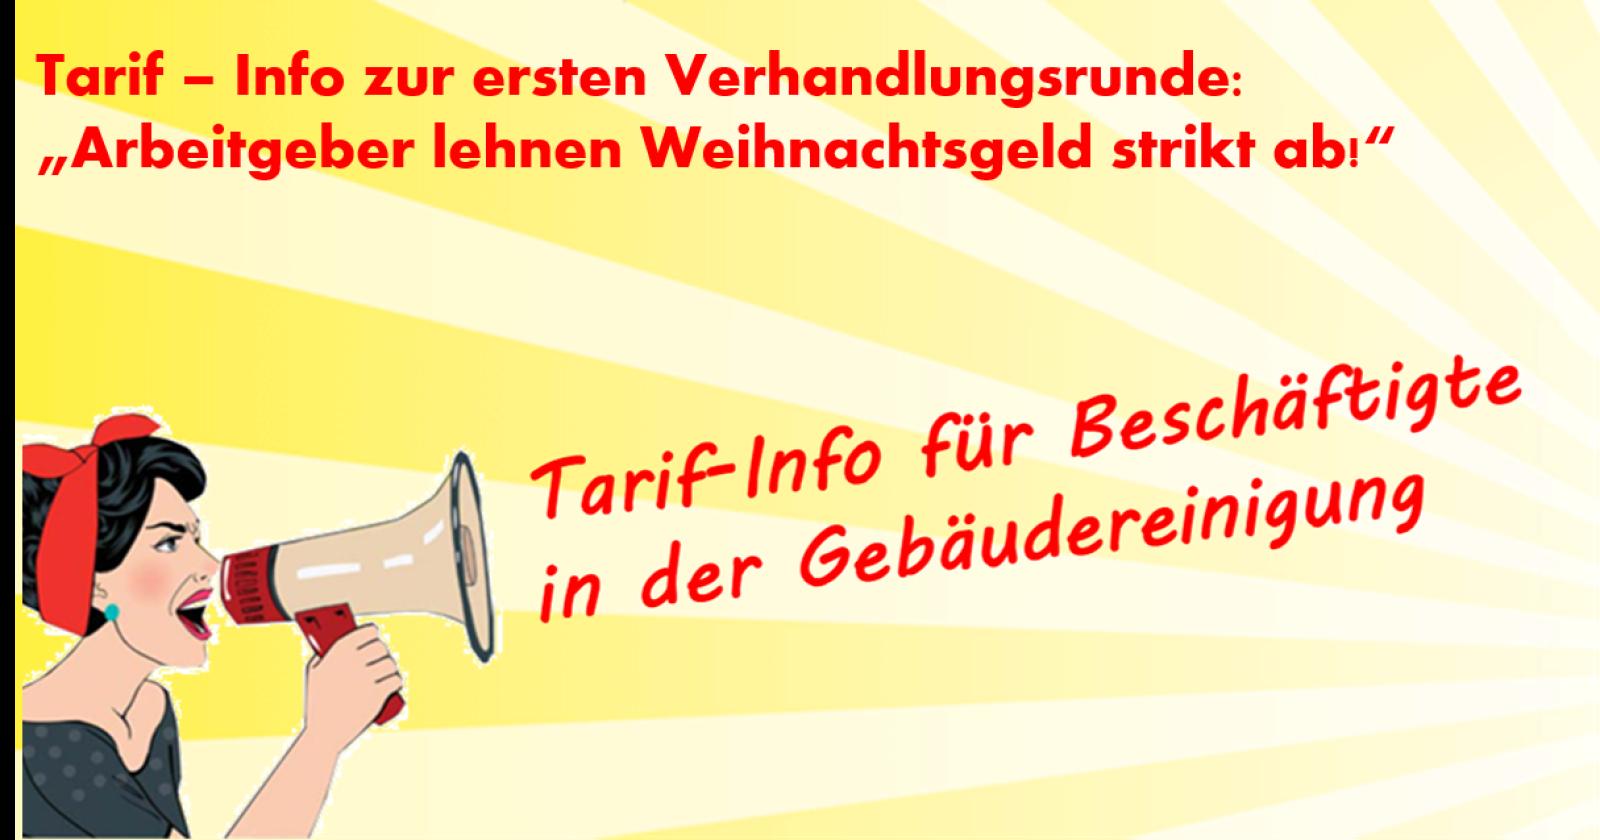 """Flugblatt zur ersten Tarifrunde: """"Arbeitgeber lehnen Weihnachtsgeld strikt ab!"""""""